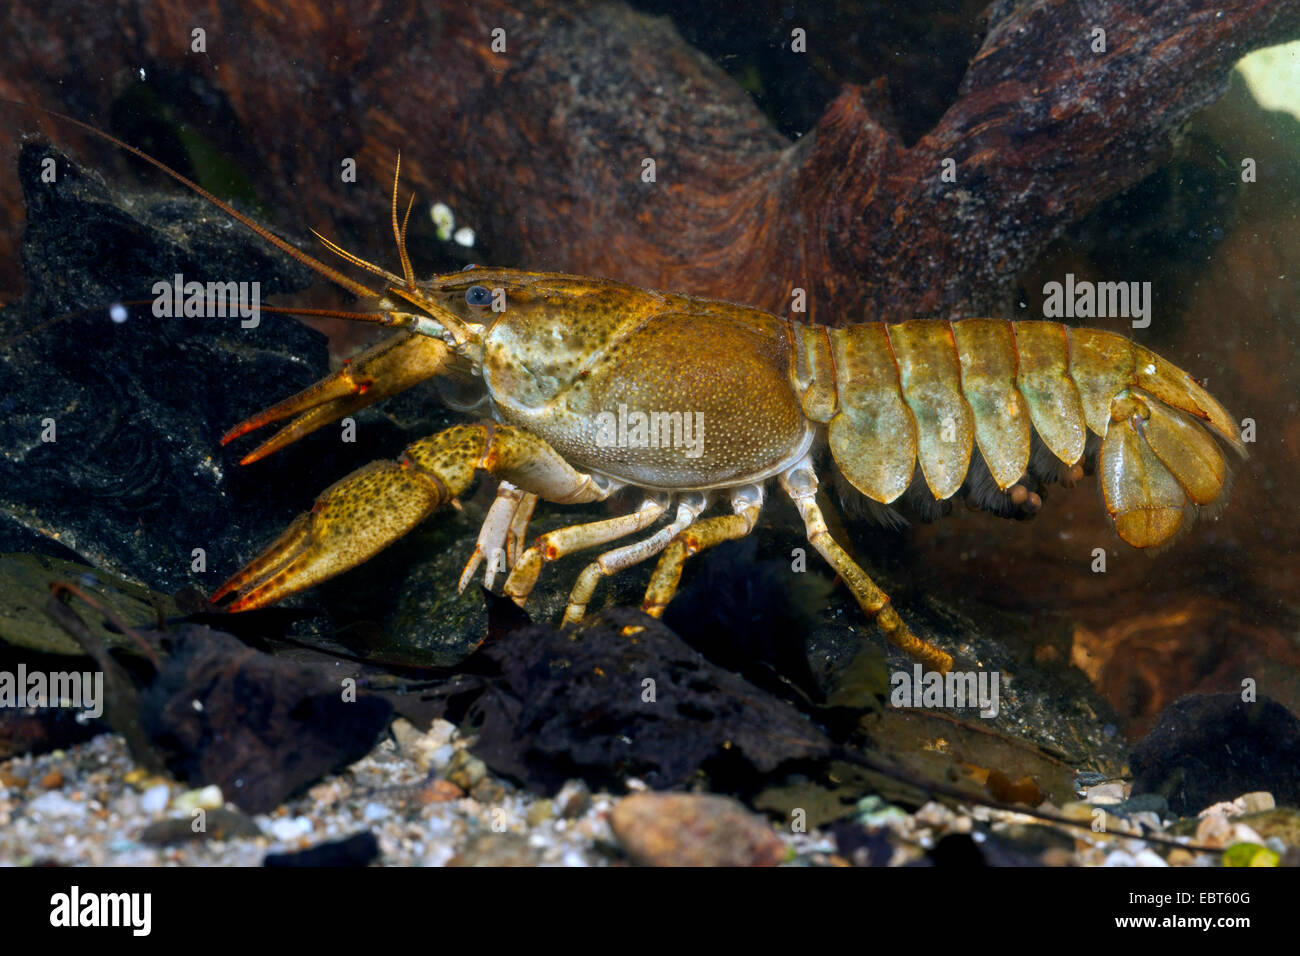 Crayfish Stock Photos & Crayfish Stock Images - Alamy